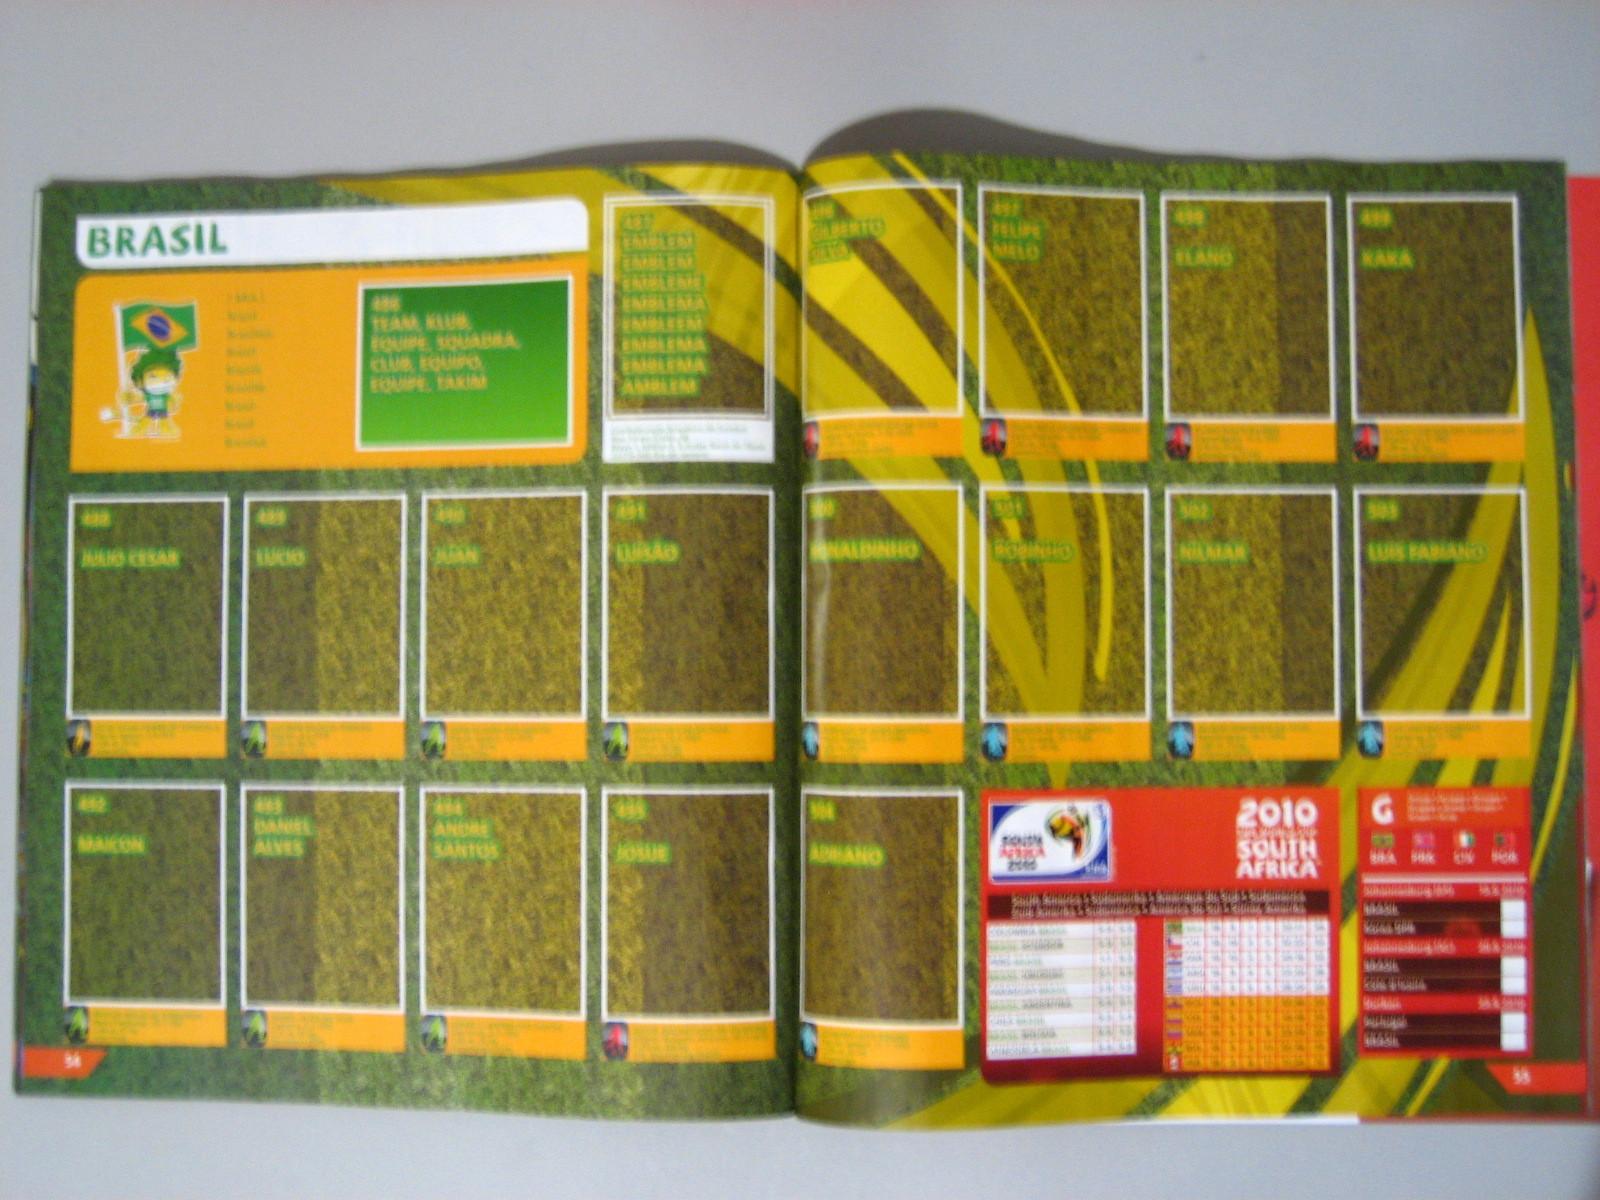 Álbum de Figurinha Copa do Mundo 2010 Online